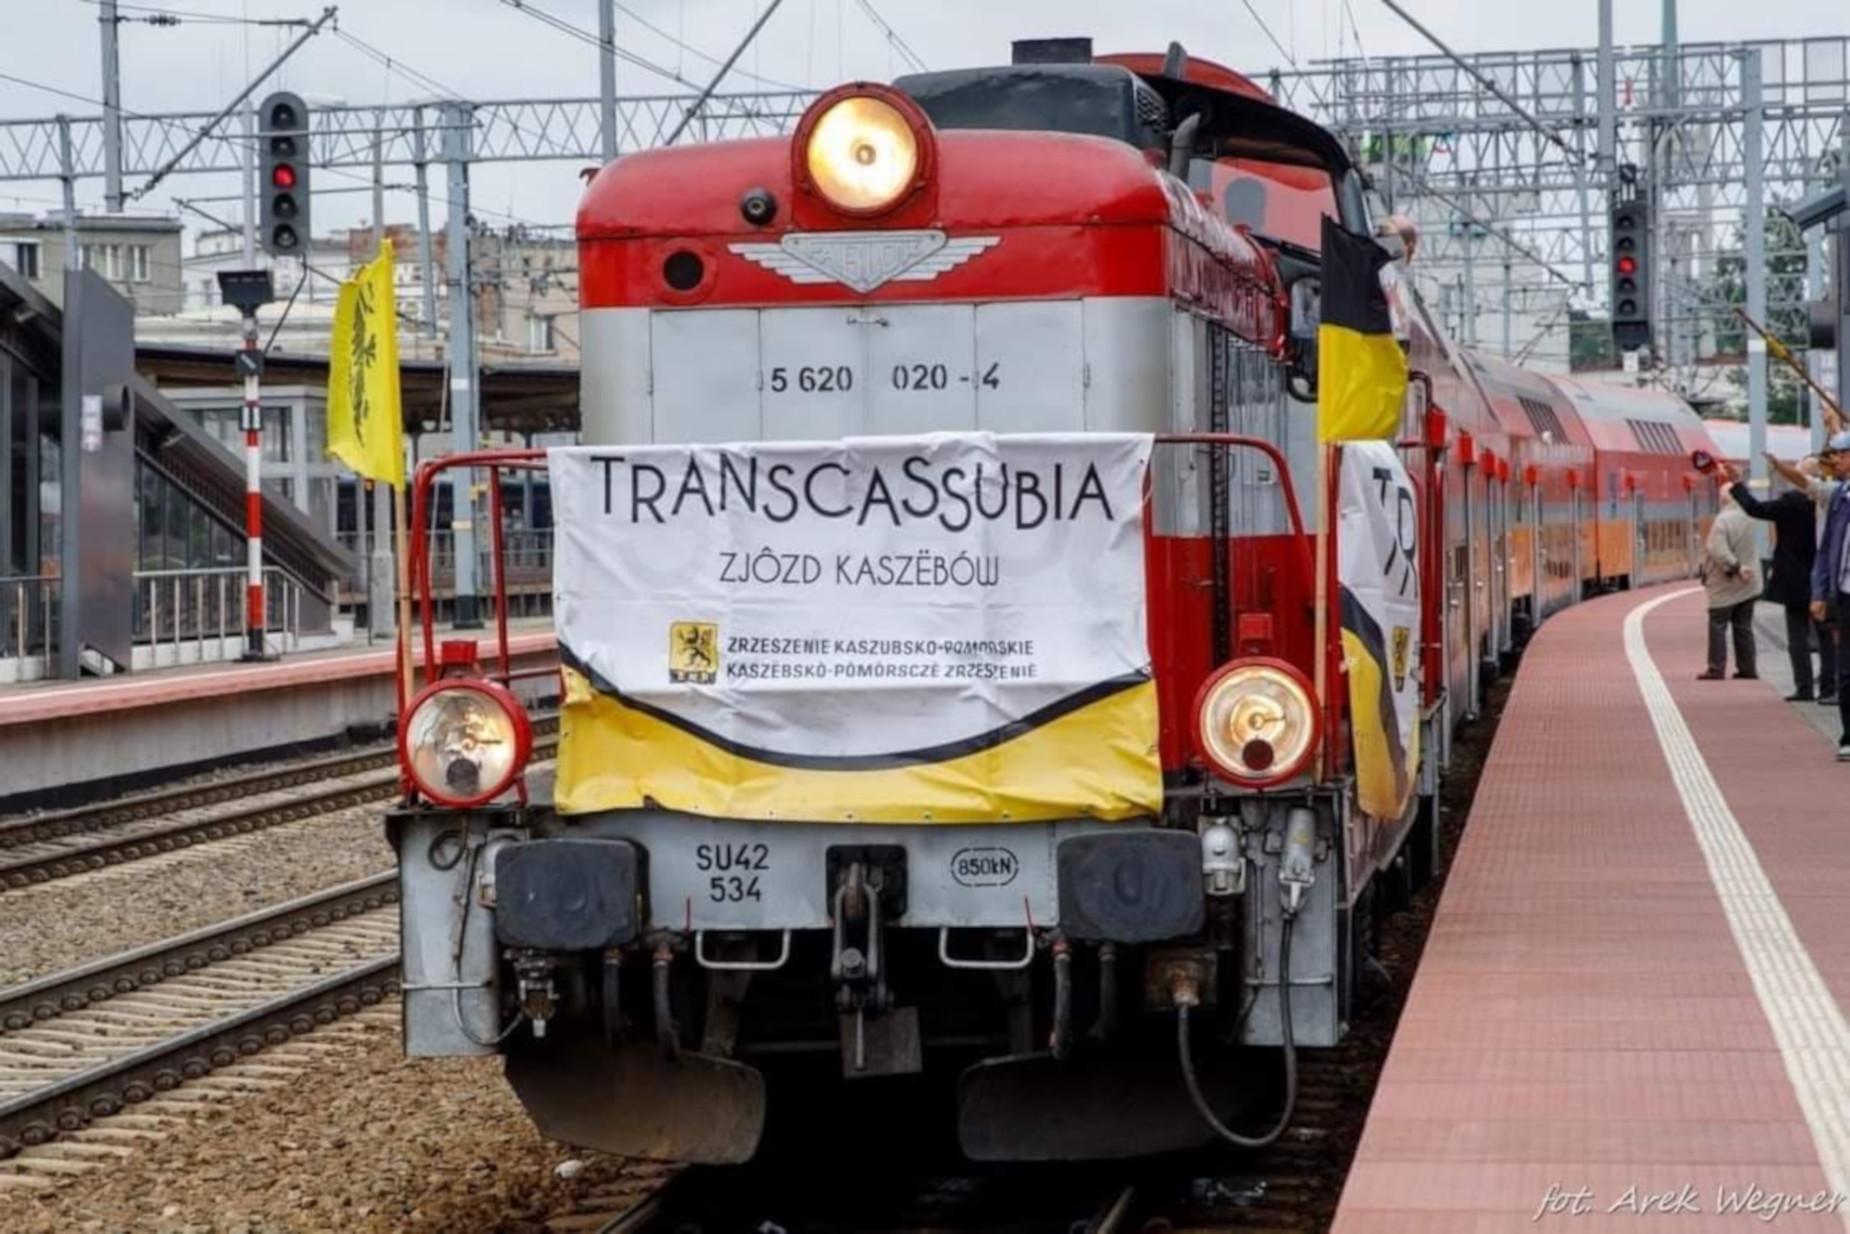 Transcassubią na XXI Światowy Zjazd Kaszubów. Specjalny pociąg do Chojnic [ROZKŁAD JAZDY]